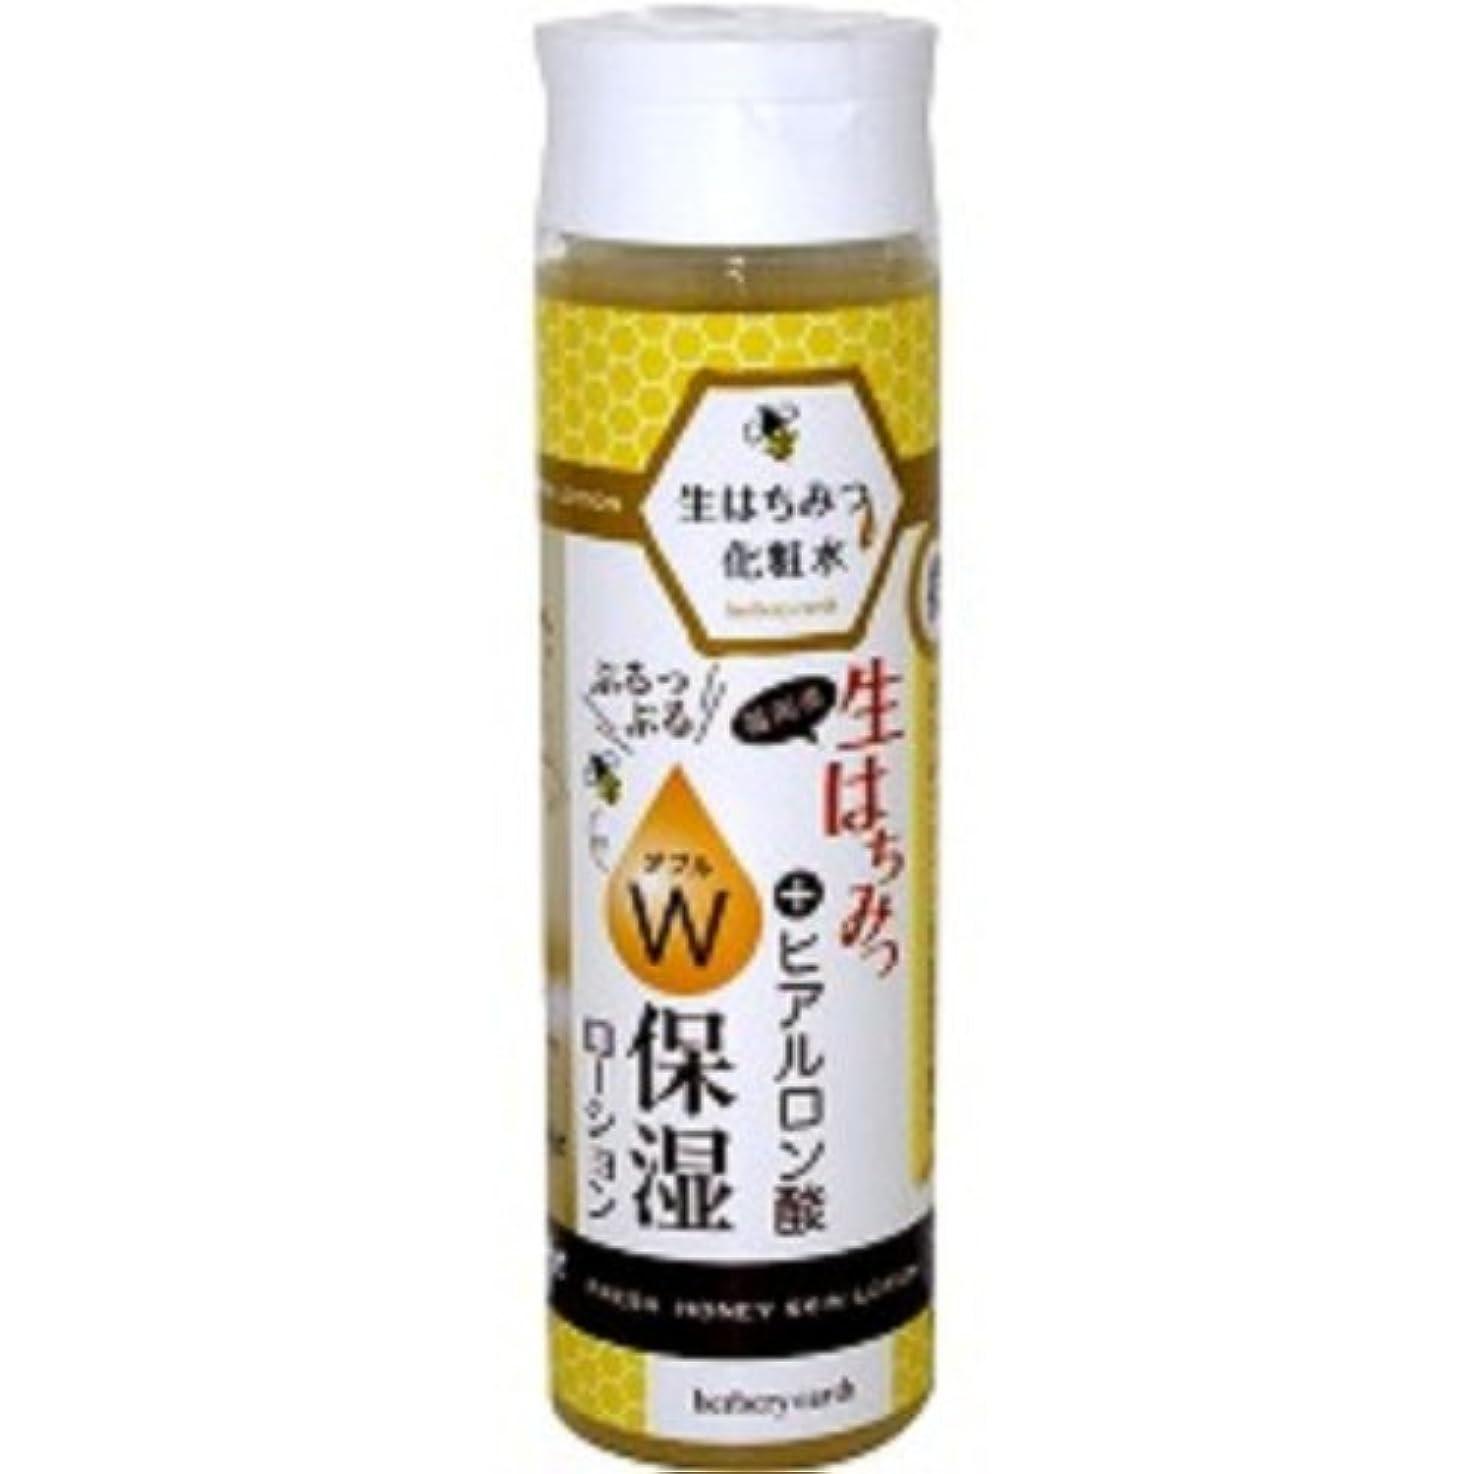 カップ生物学頑丈生はちみつ化粧水 W保湿スキンローション